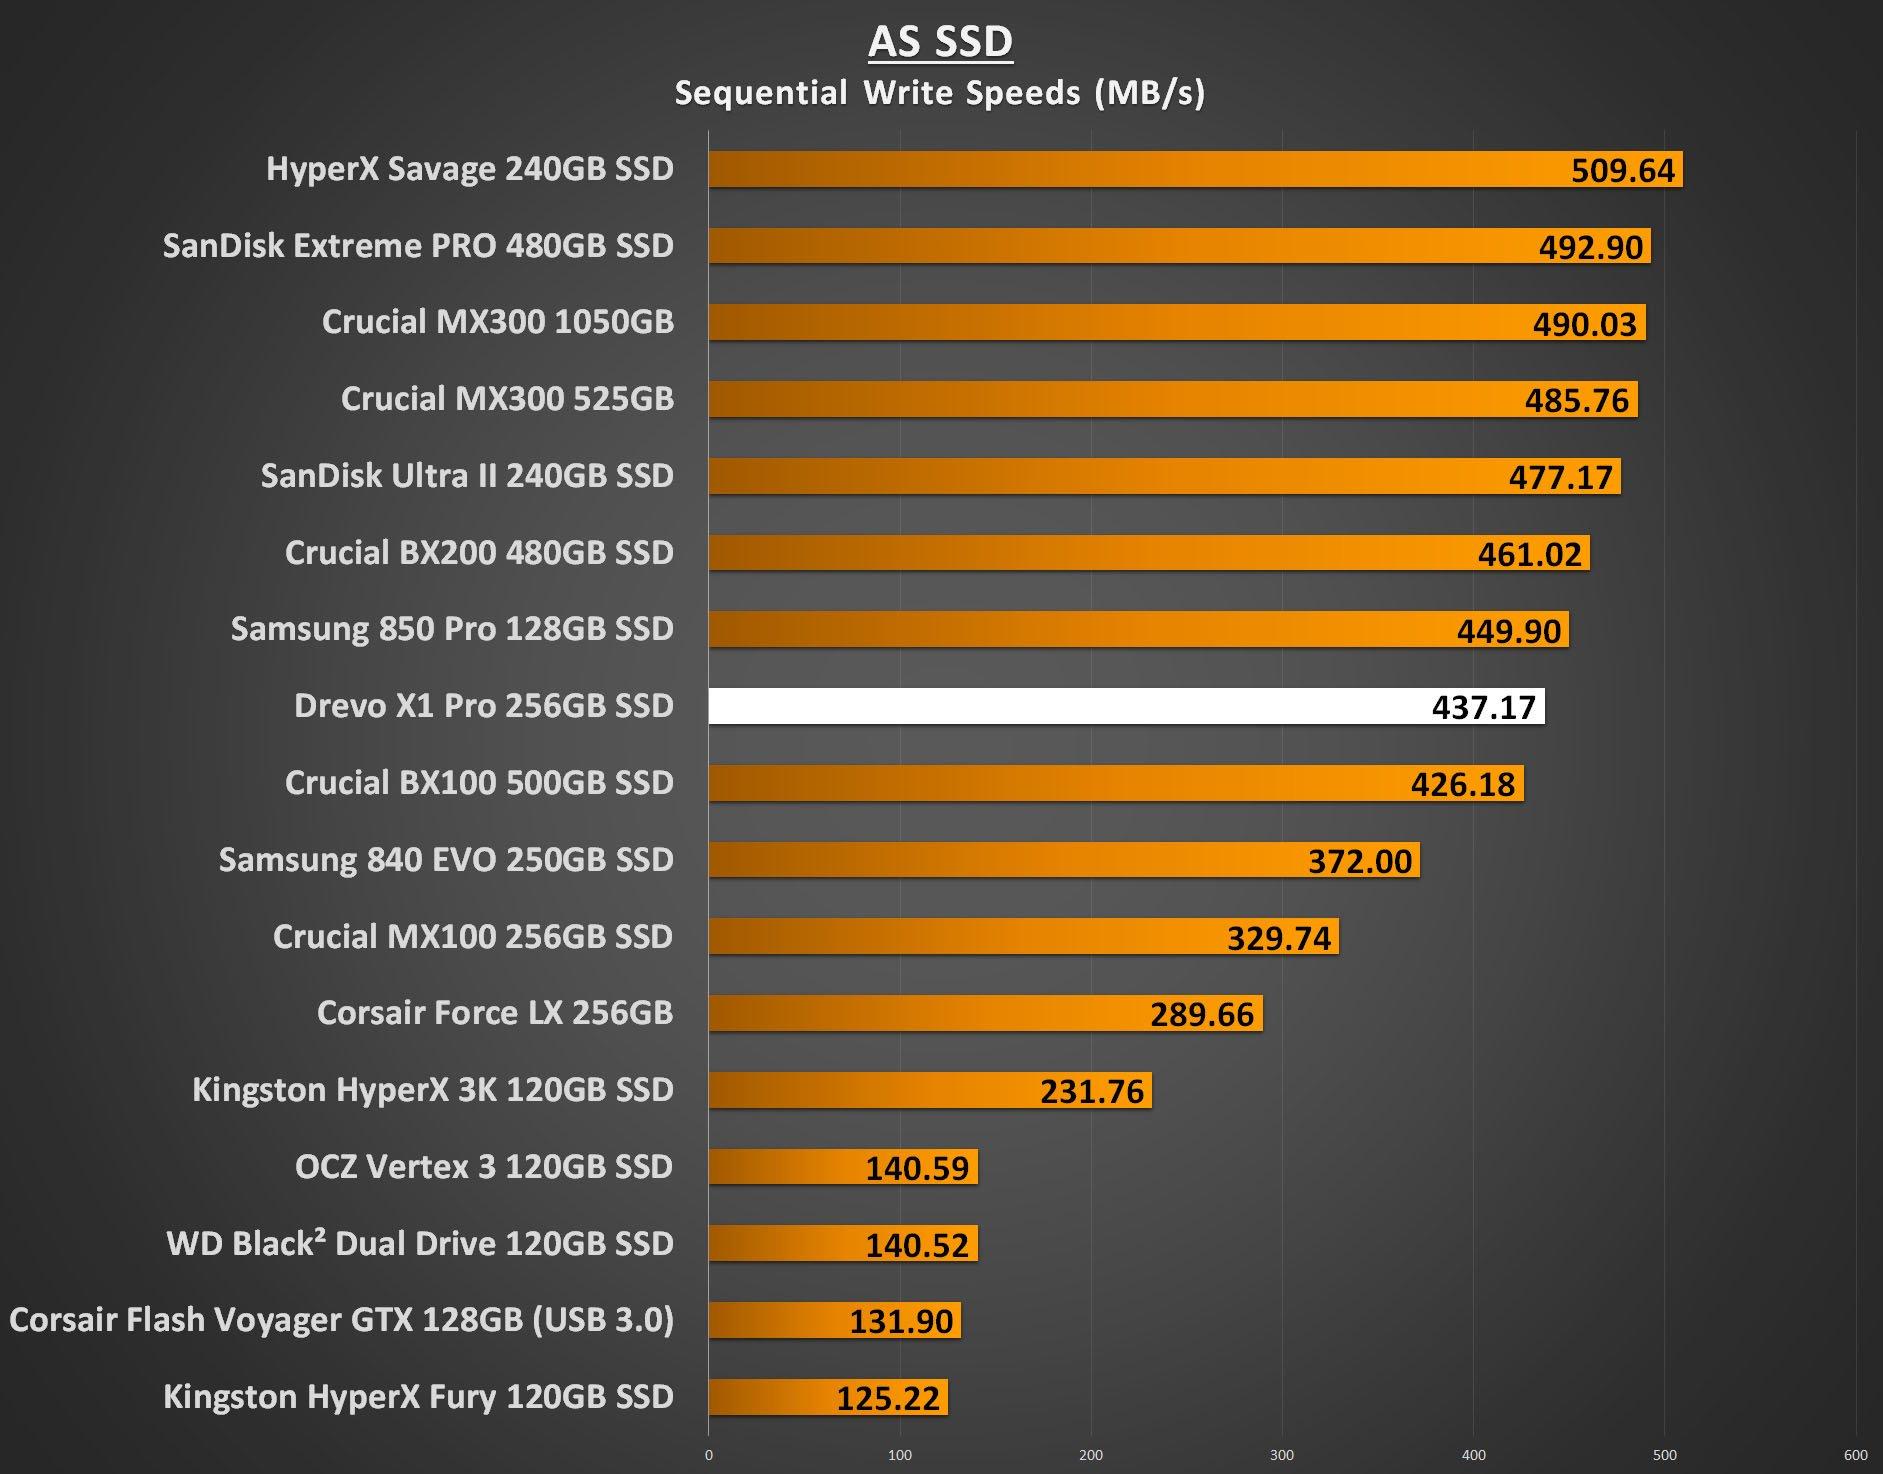 Drevo X1 Pro 256GB Performance - AS SSD Seq Write